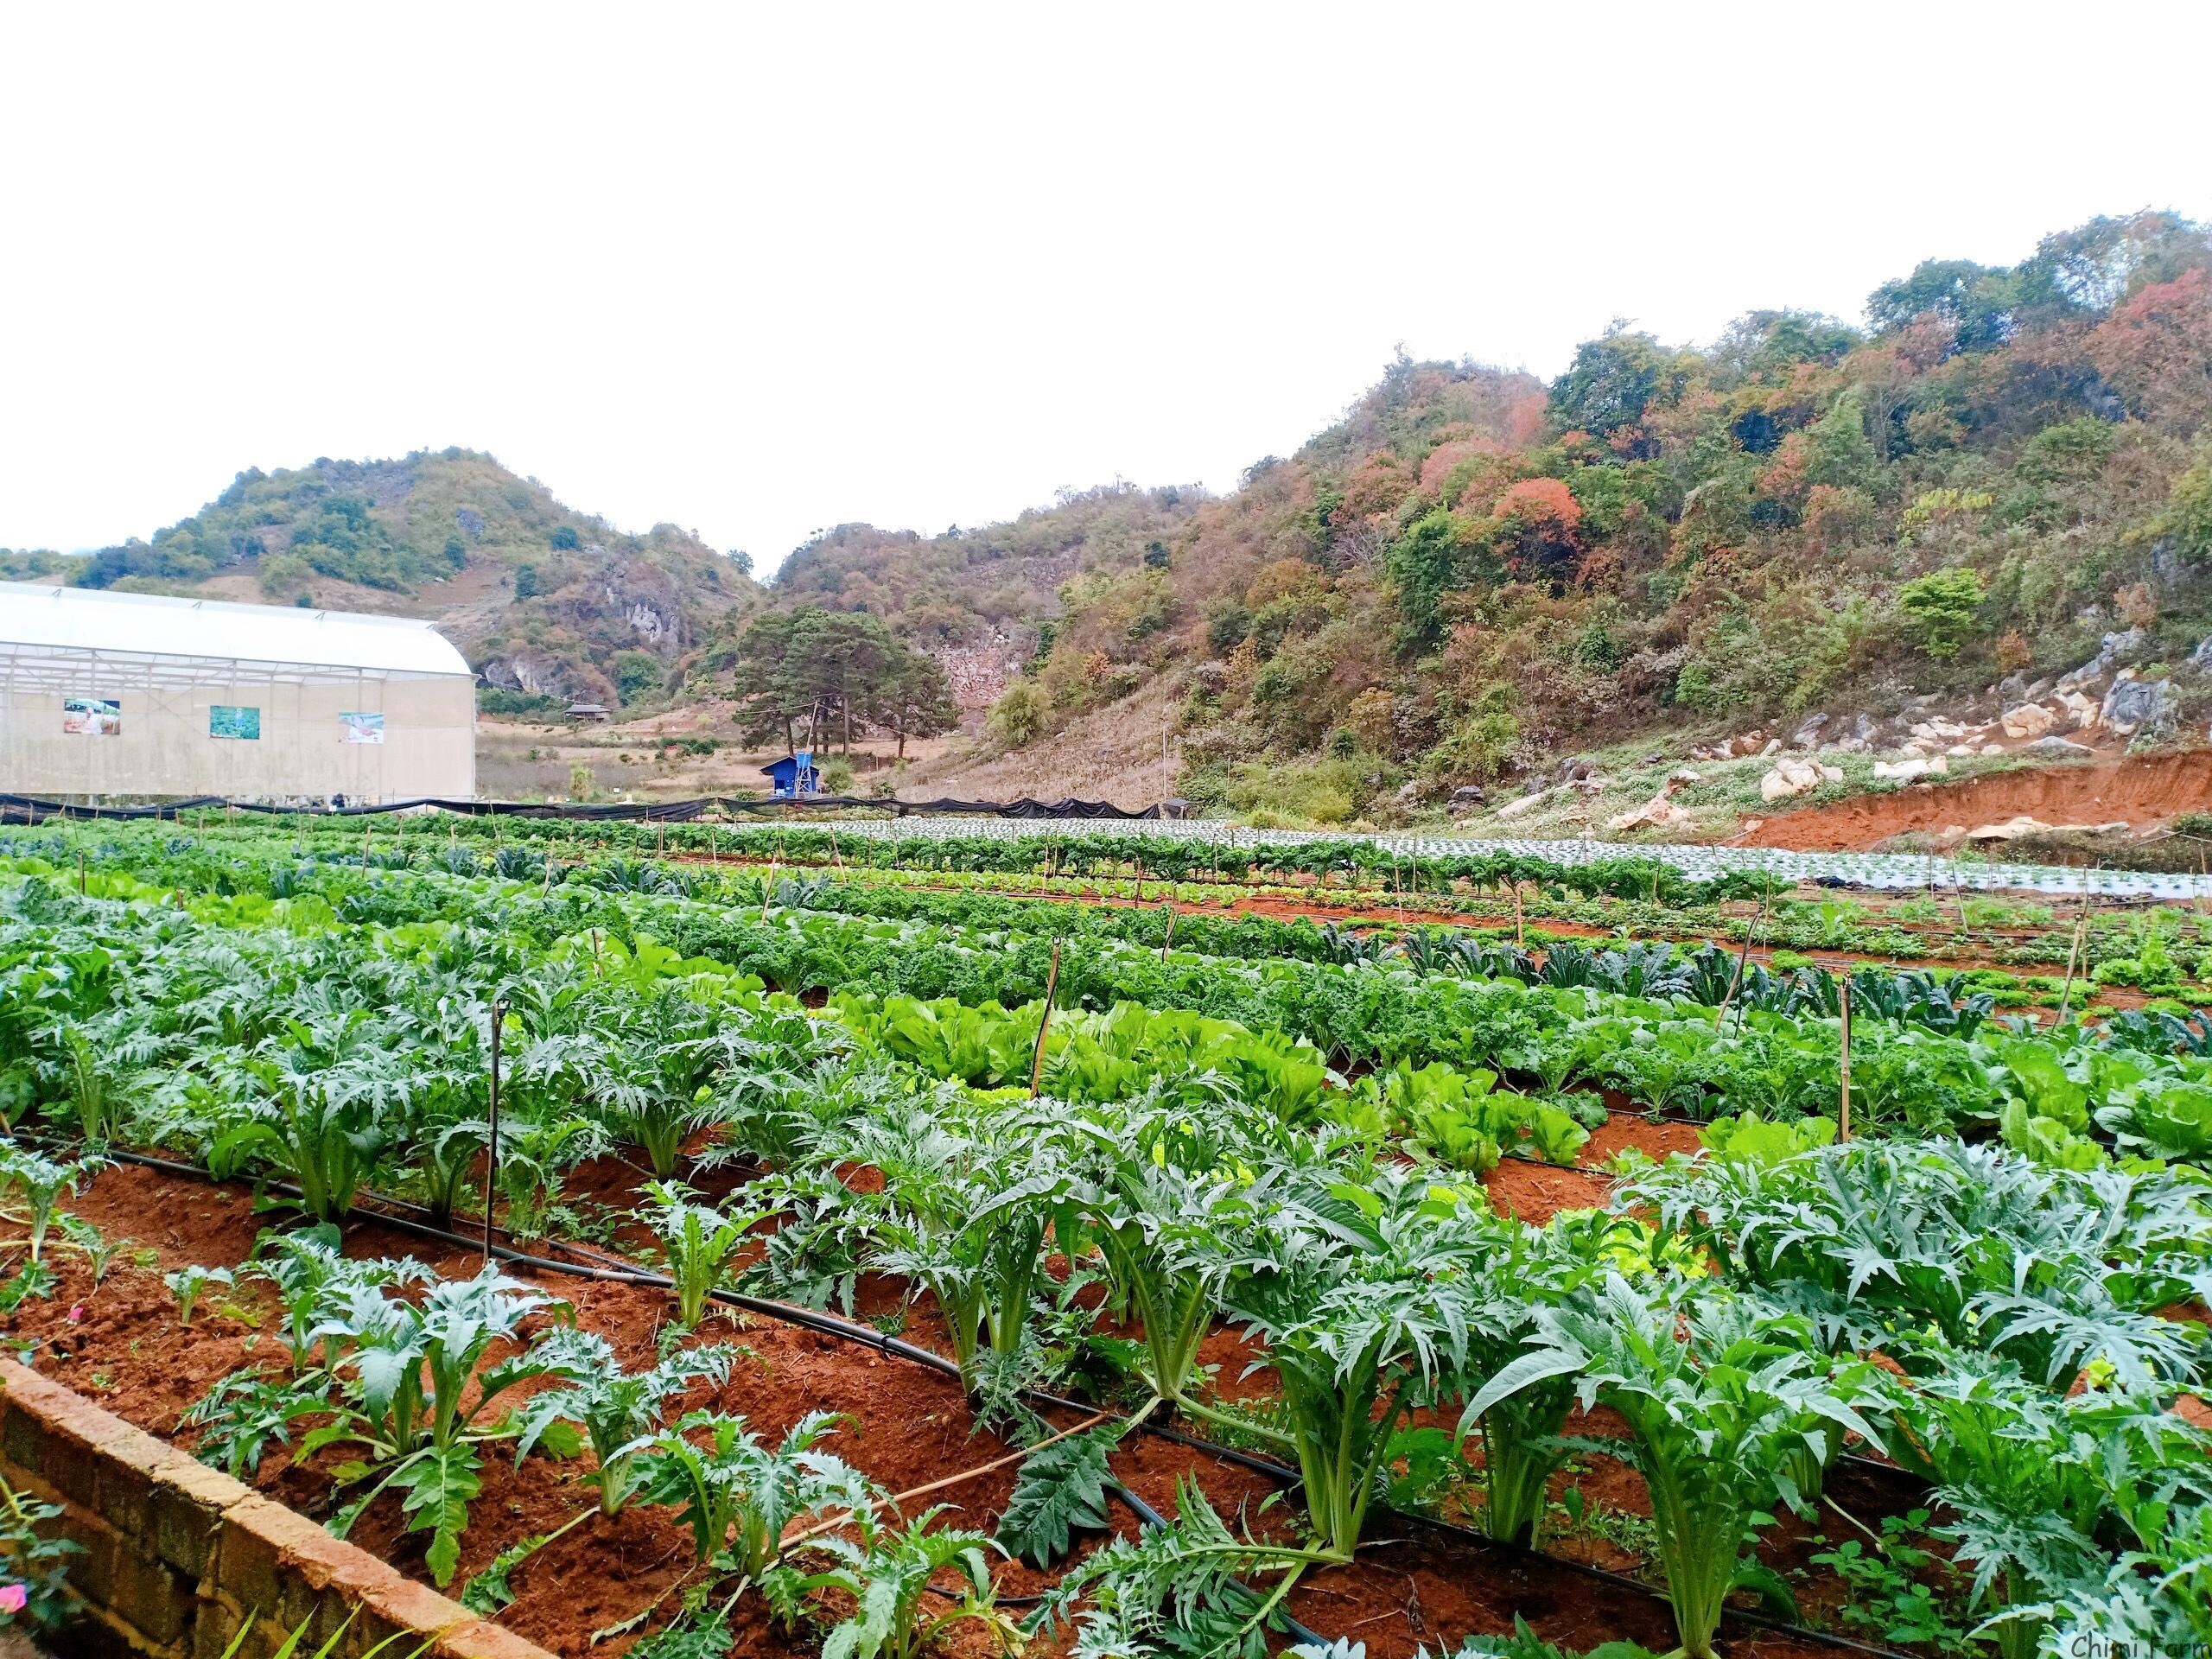 Vườn rau xanh mướt của Chimi Farm để phục vụ nhà hàng buffet rau Chimi